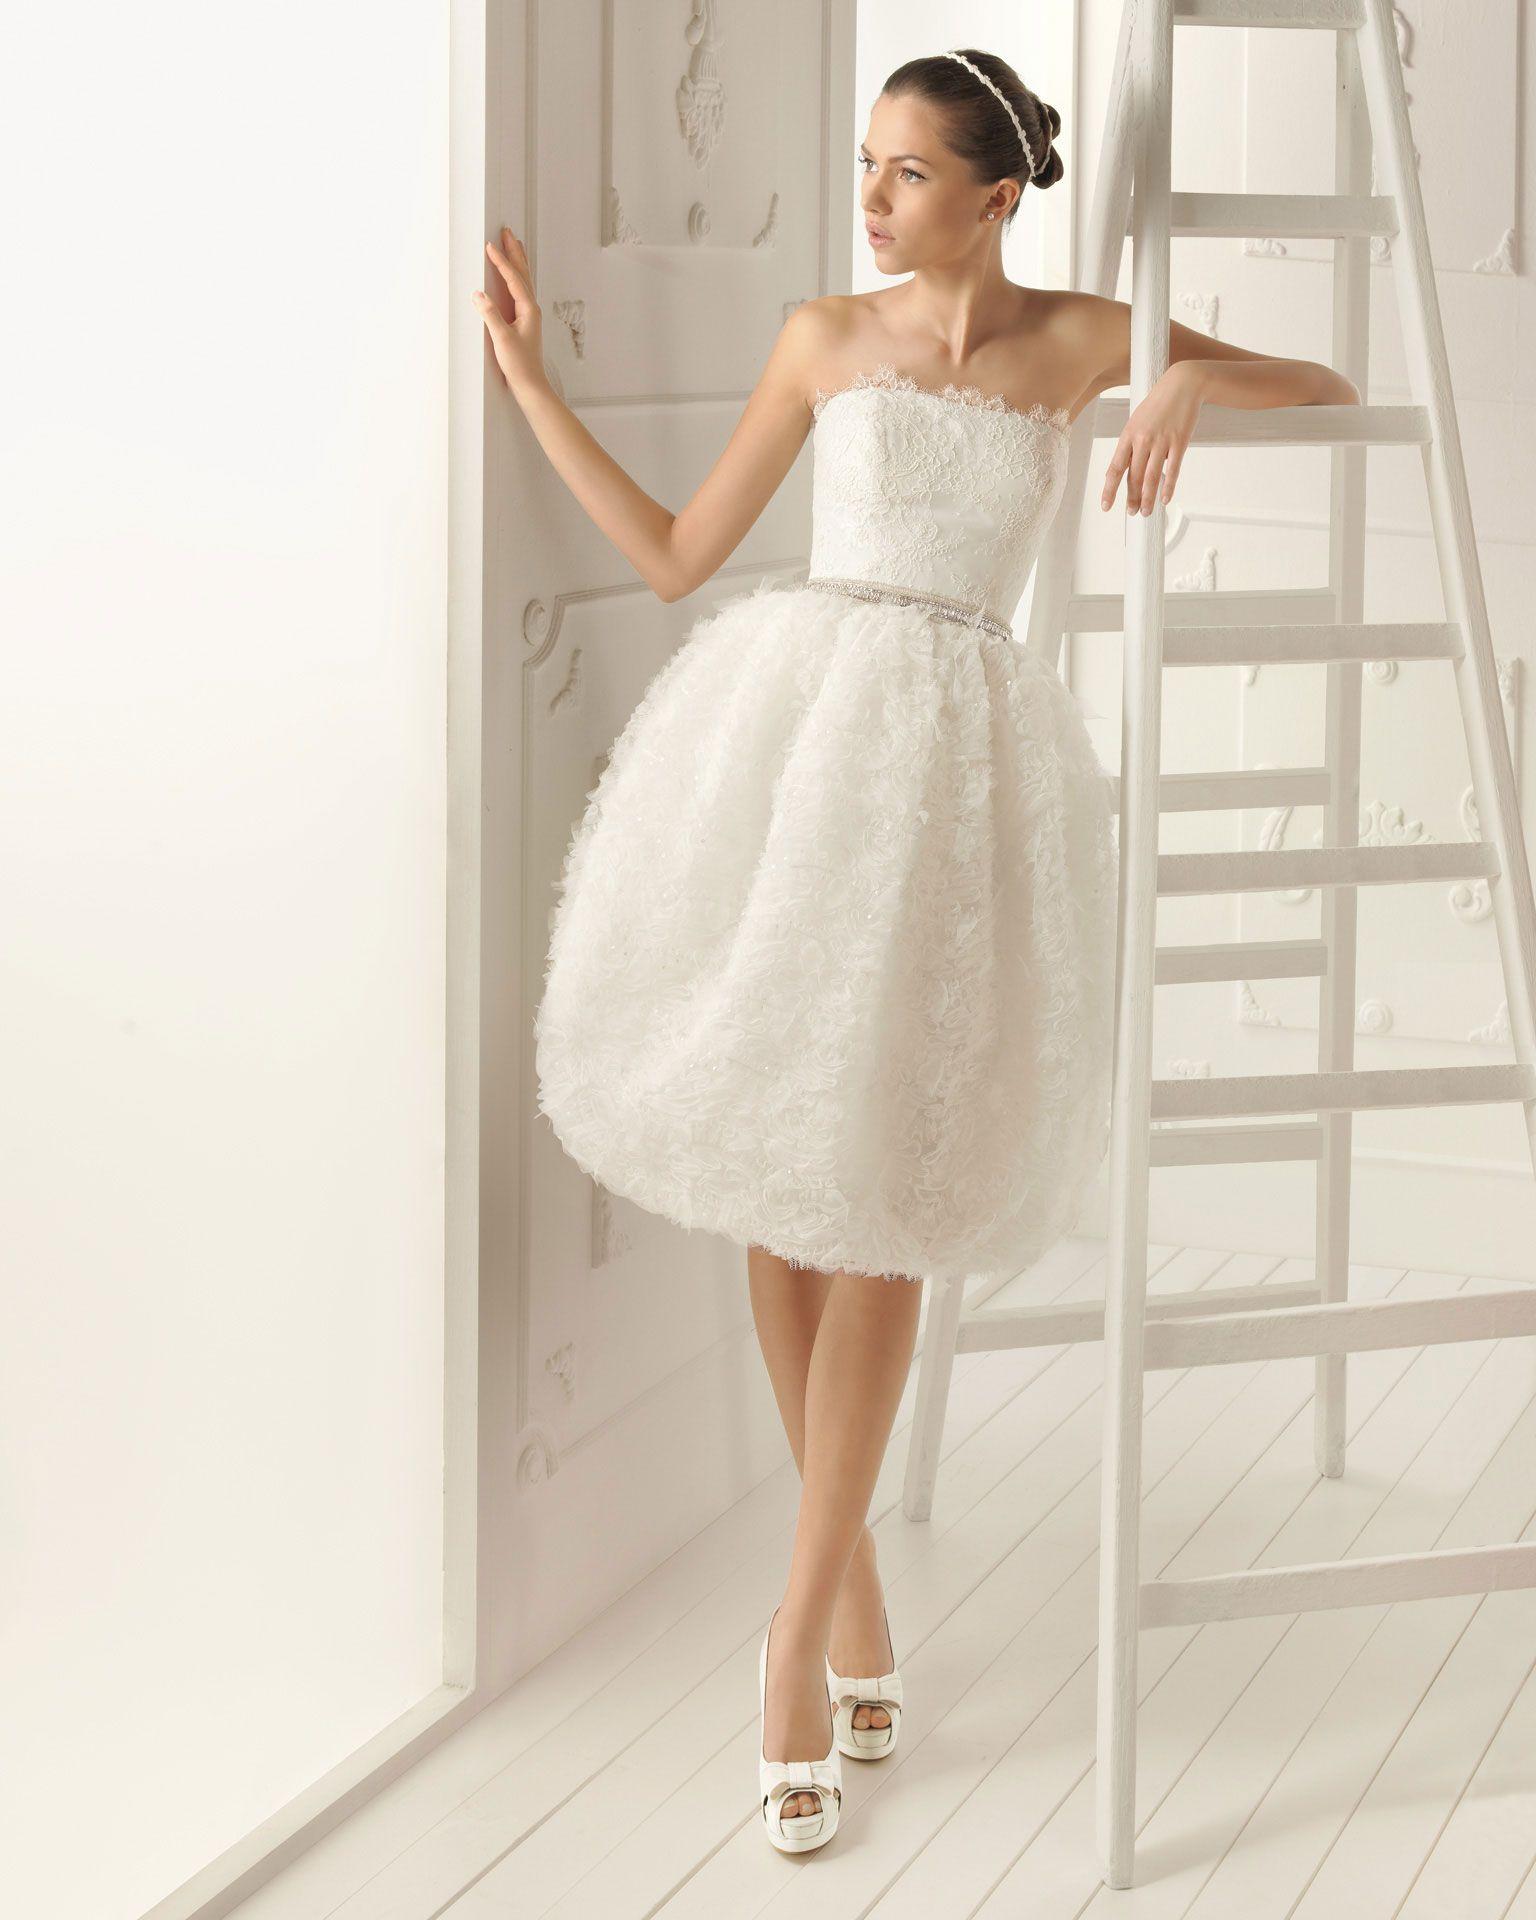 RENO - Vestido corto de tul y encaje pedrería en color natural X03 ...